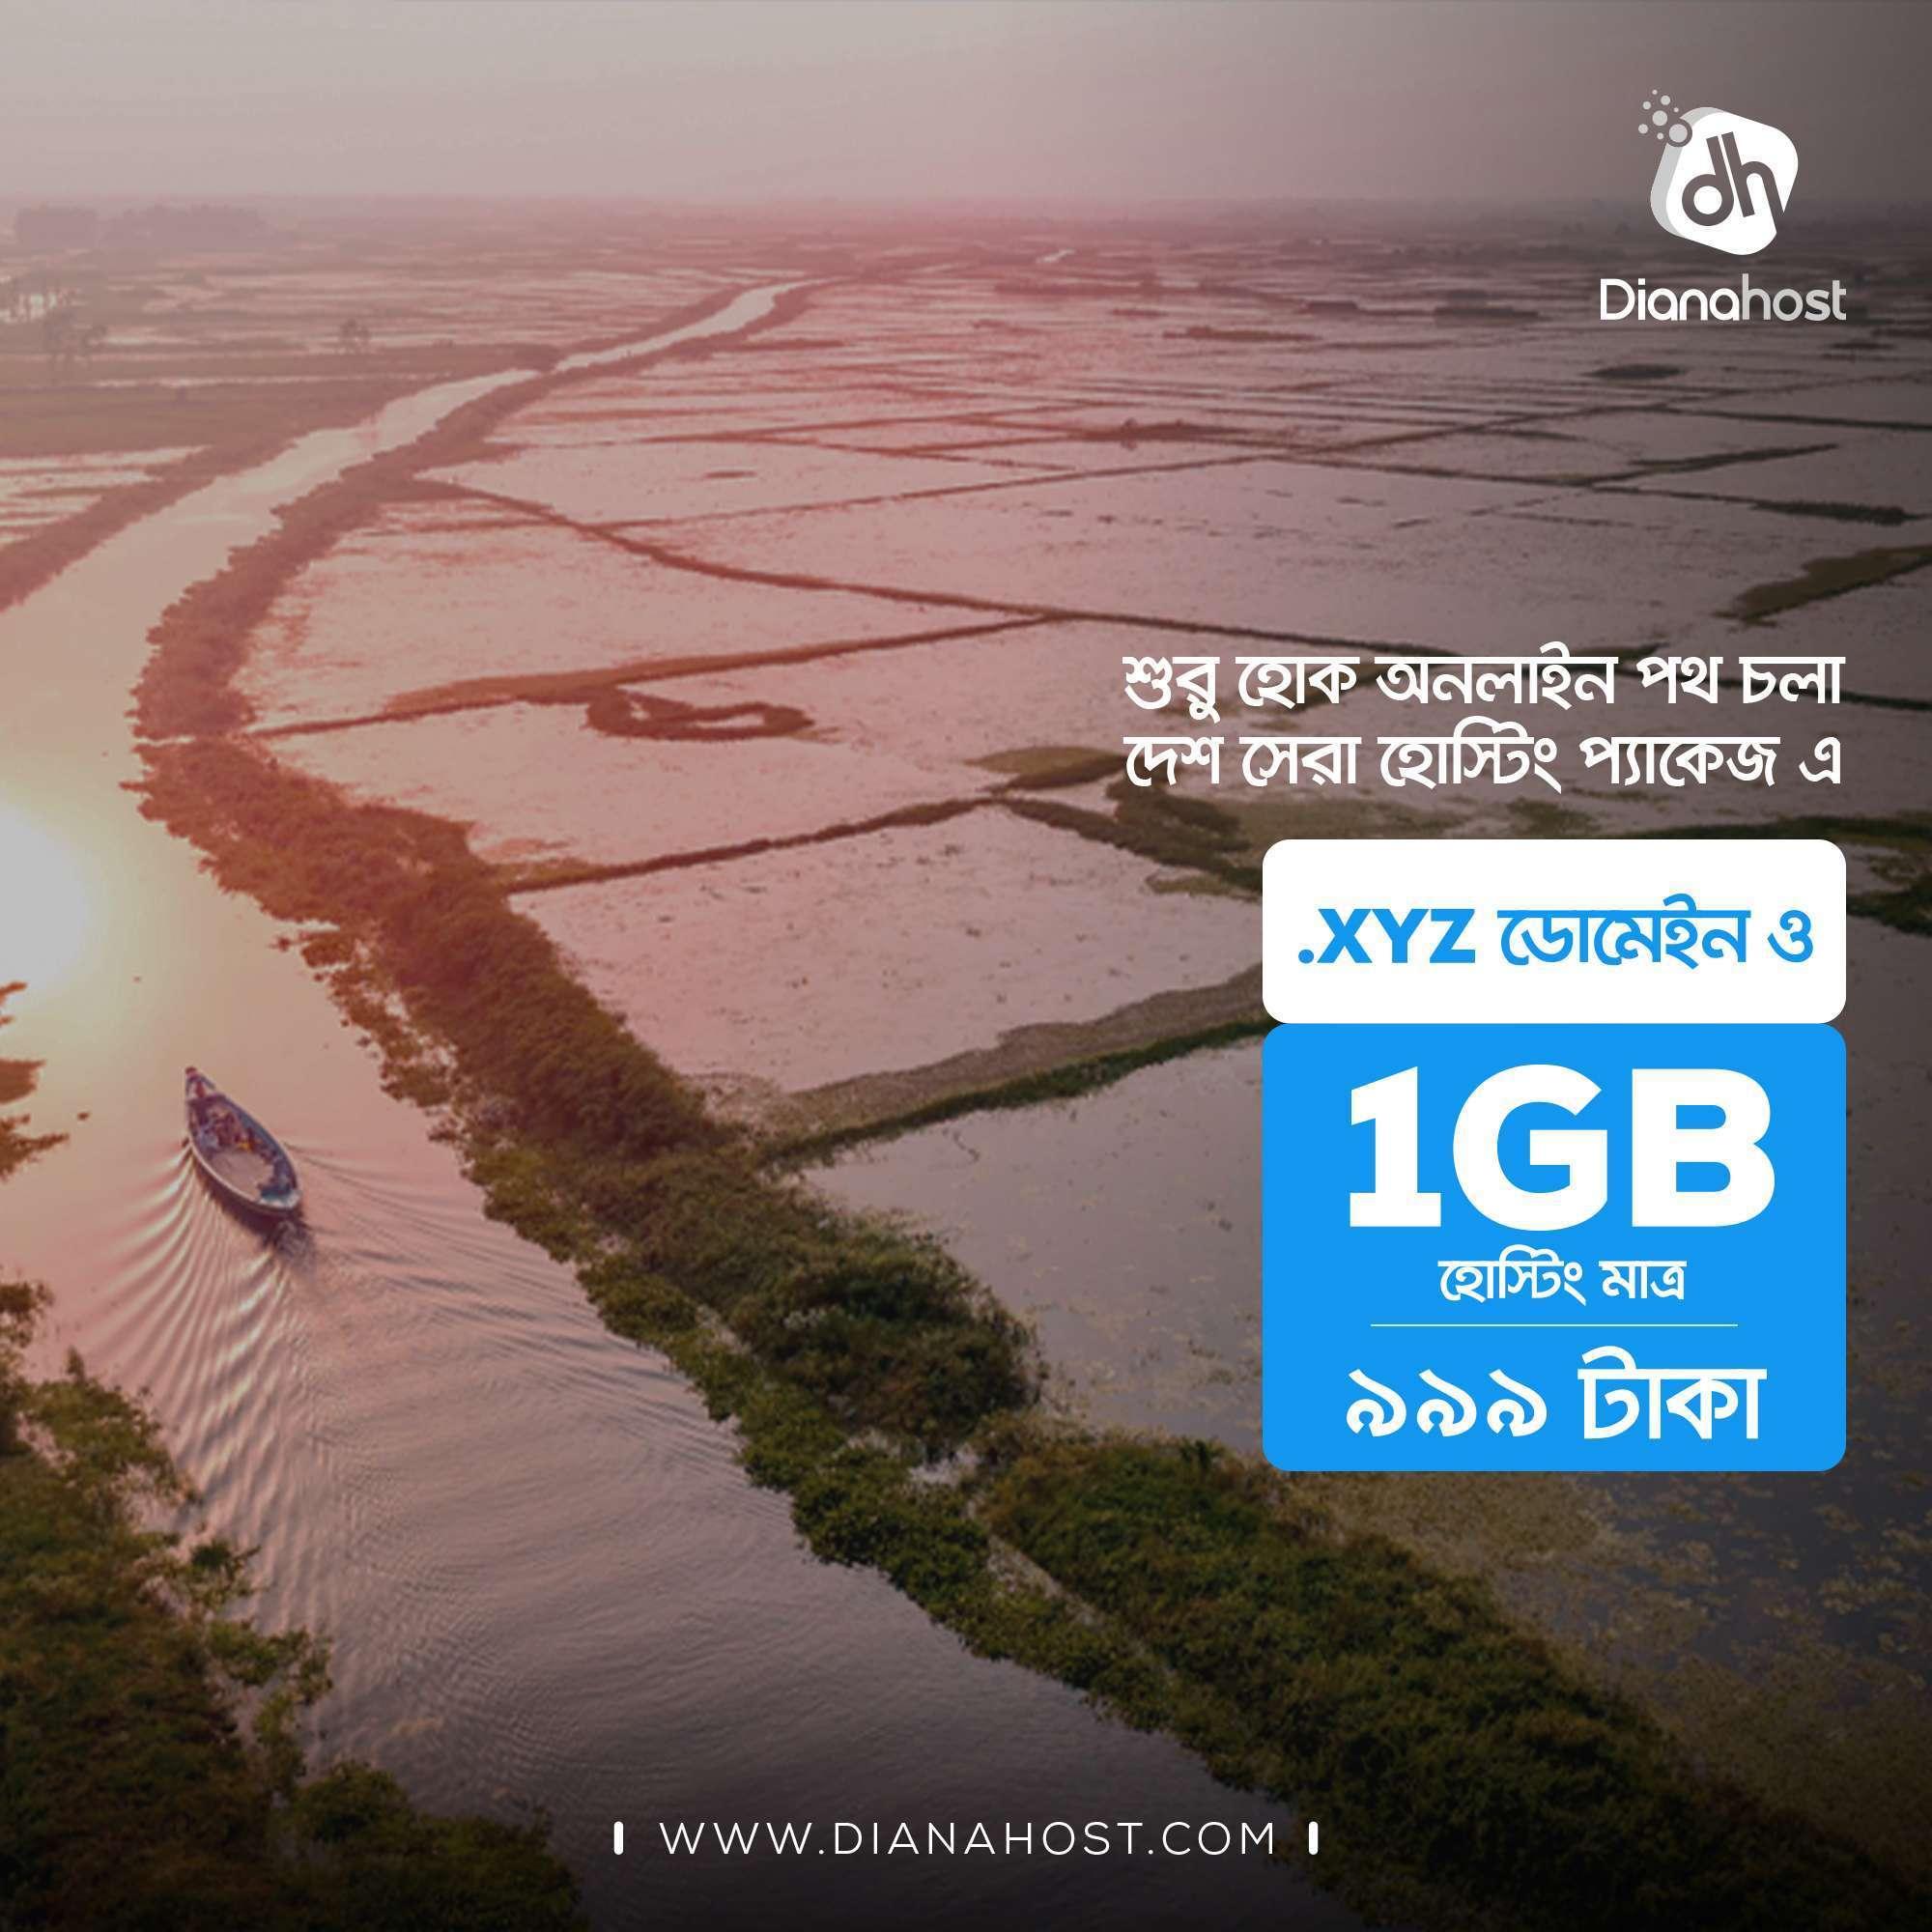 দেশ সেরা হোস্টিং প্যাকেজ ১ জিবি হোস্টিং ও ১টি .xyz ডোমেইন প্যাকেজ মাত্র ৯৯৯ টাকা | Best Hosting Offer Bangladesh